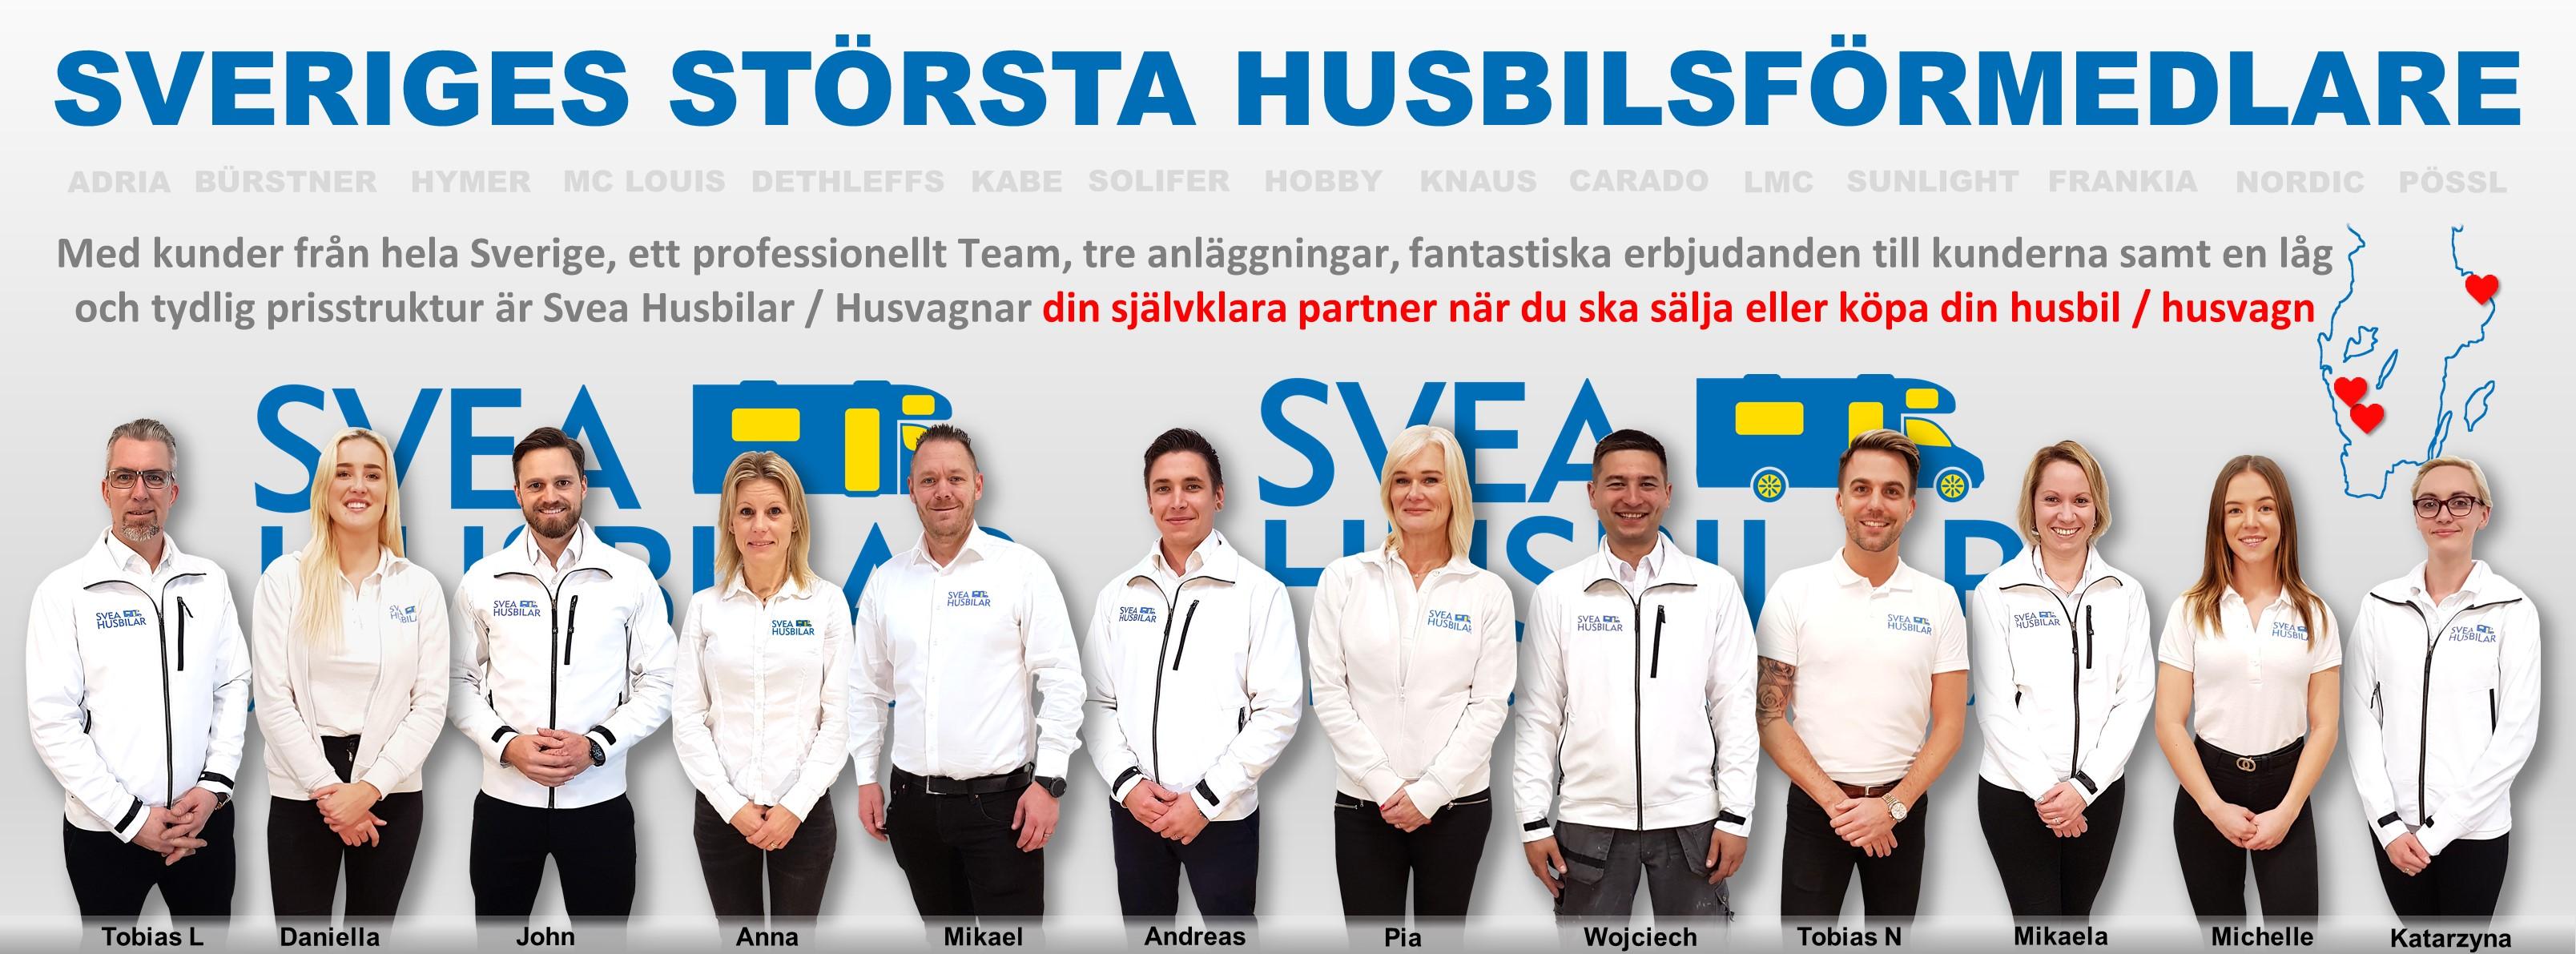 """Svea Husbilar: """"Helheten är bra. Tjänsten är lättillgänglig och går snabbt!"""""""